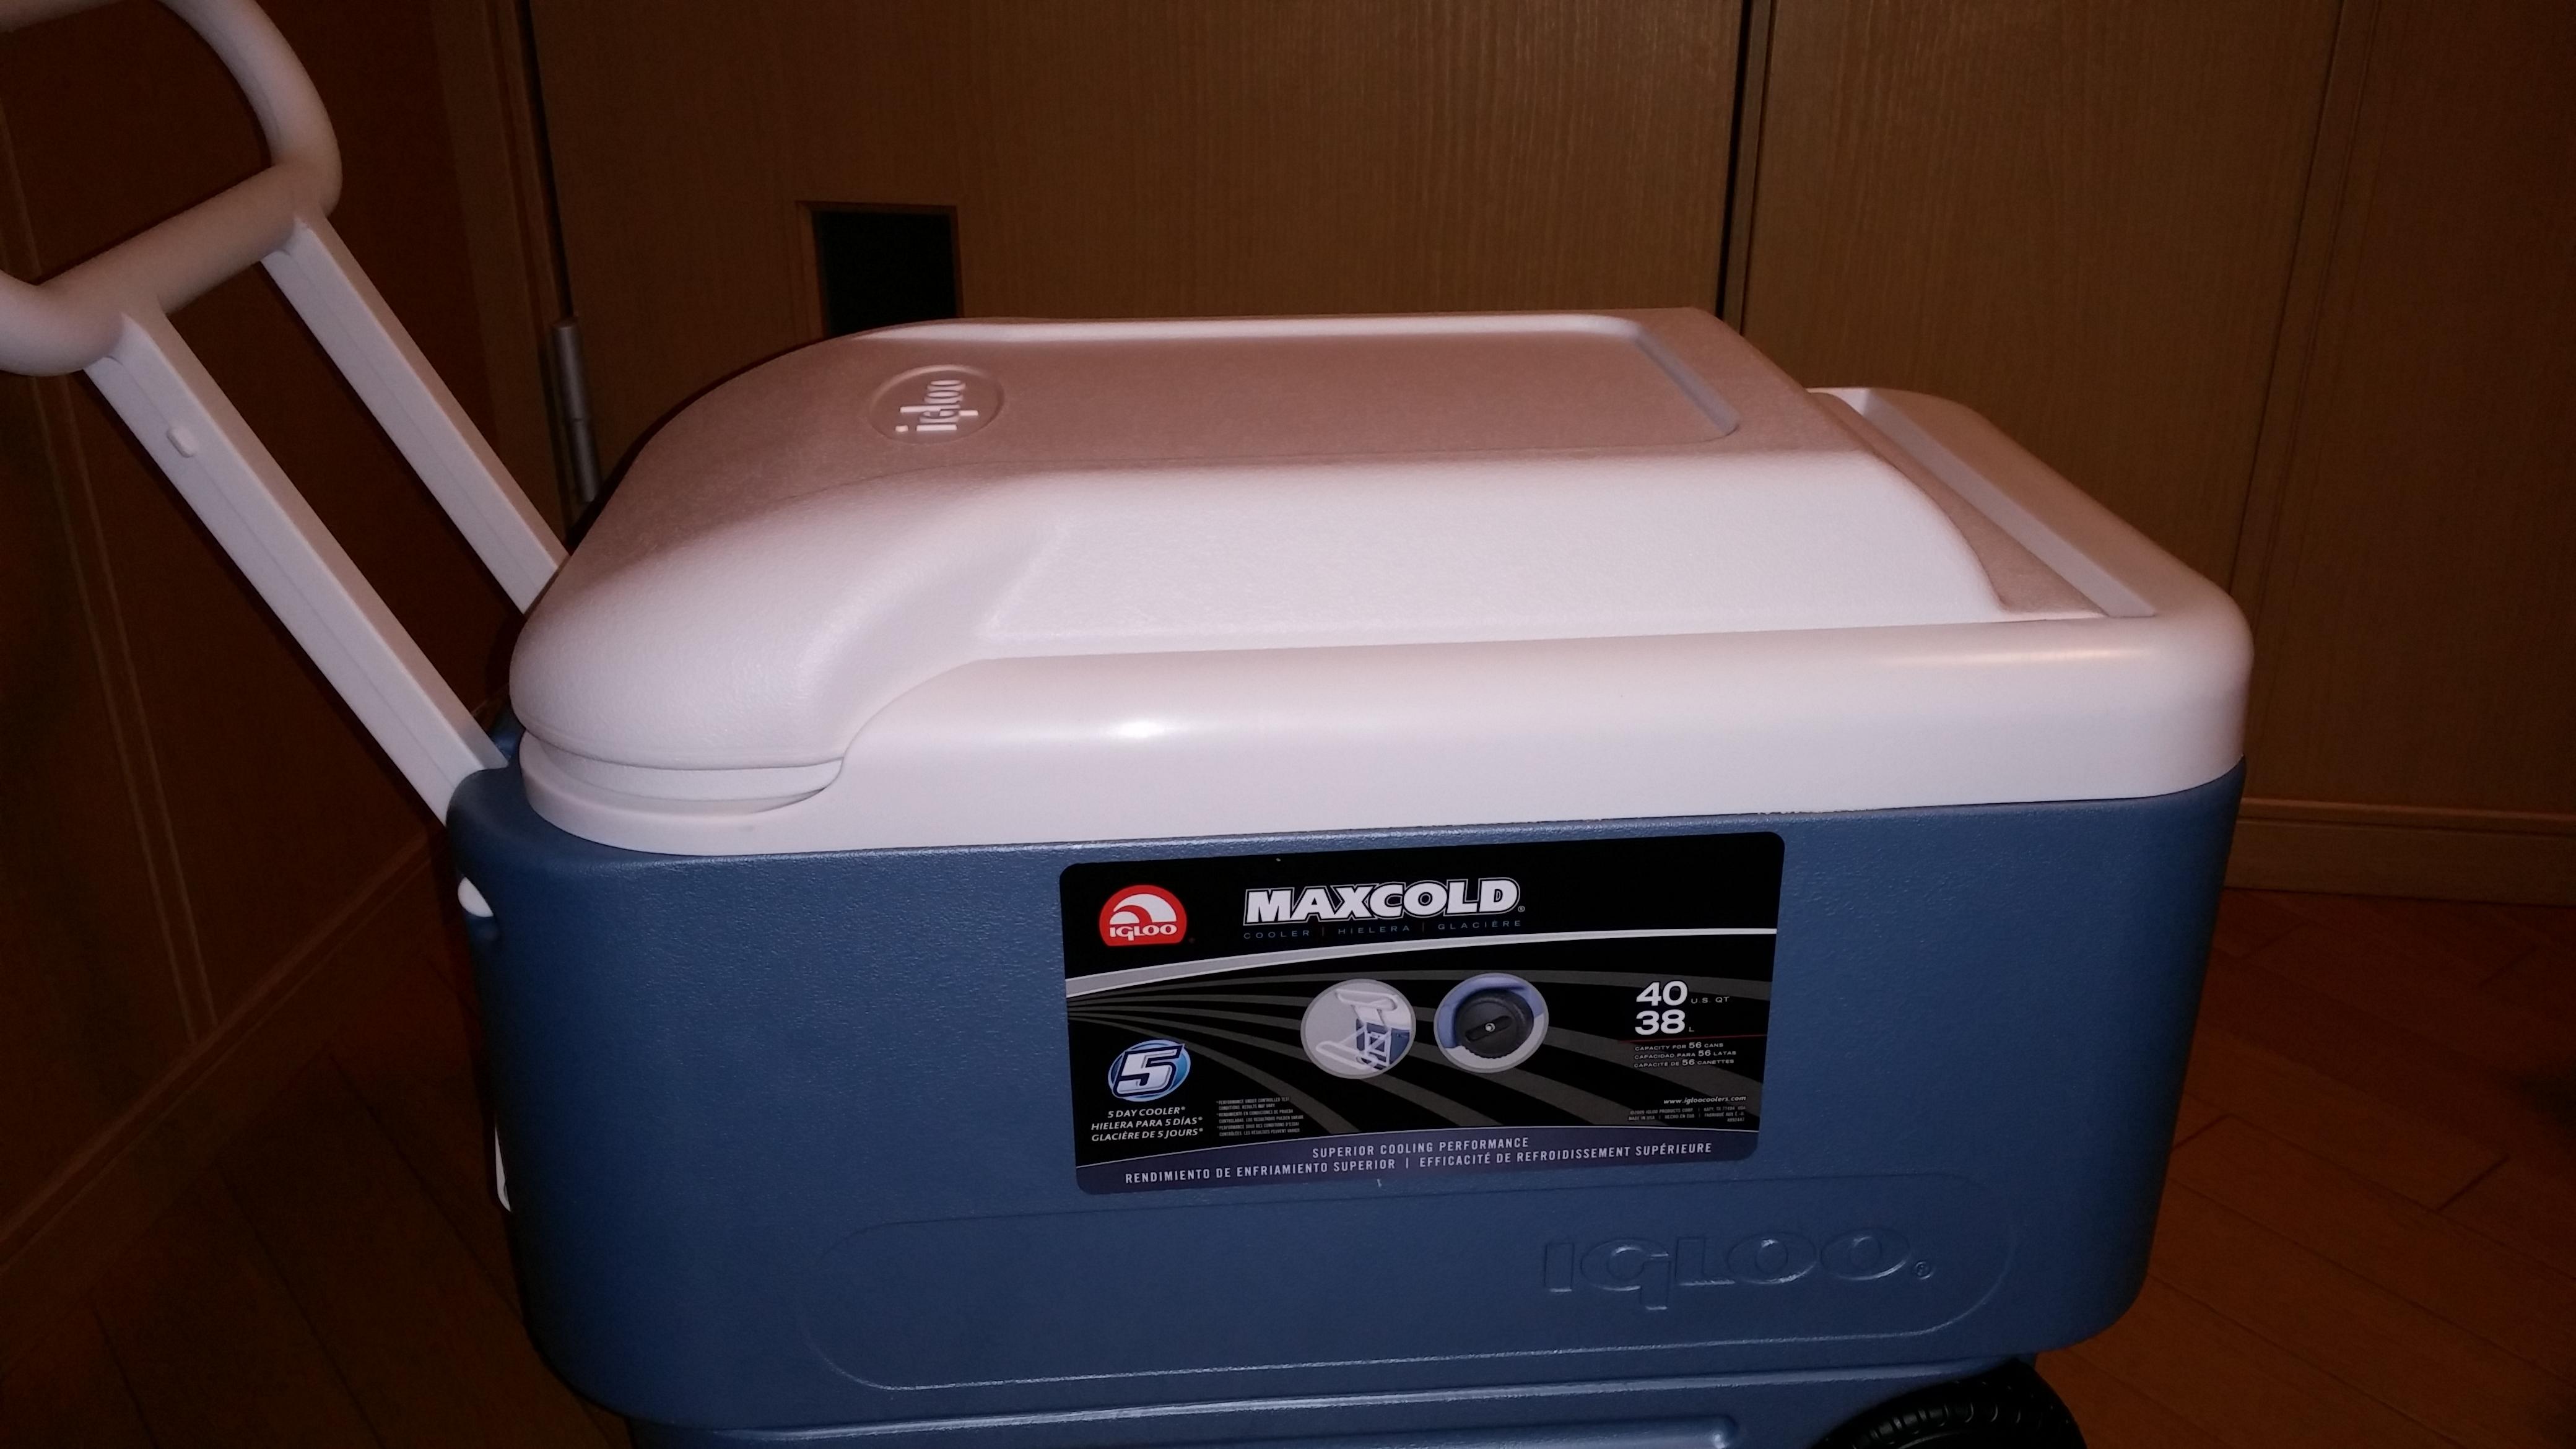 MAXCOLD 40QT